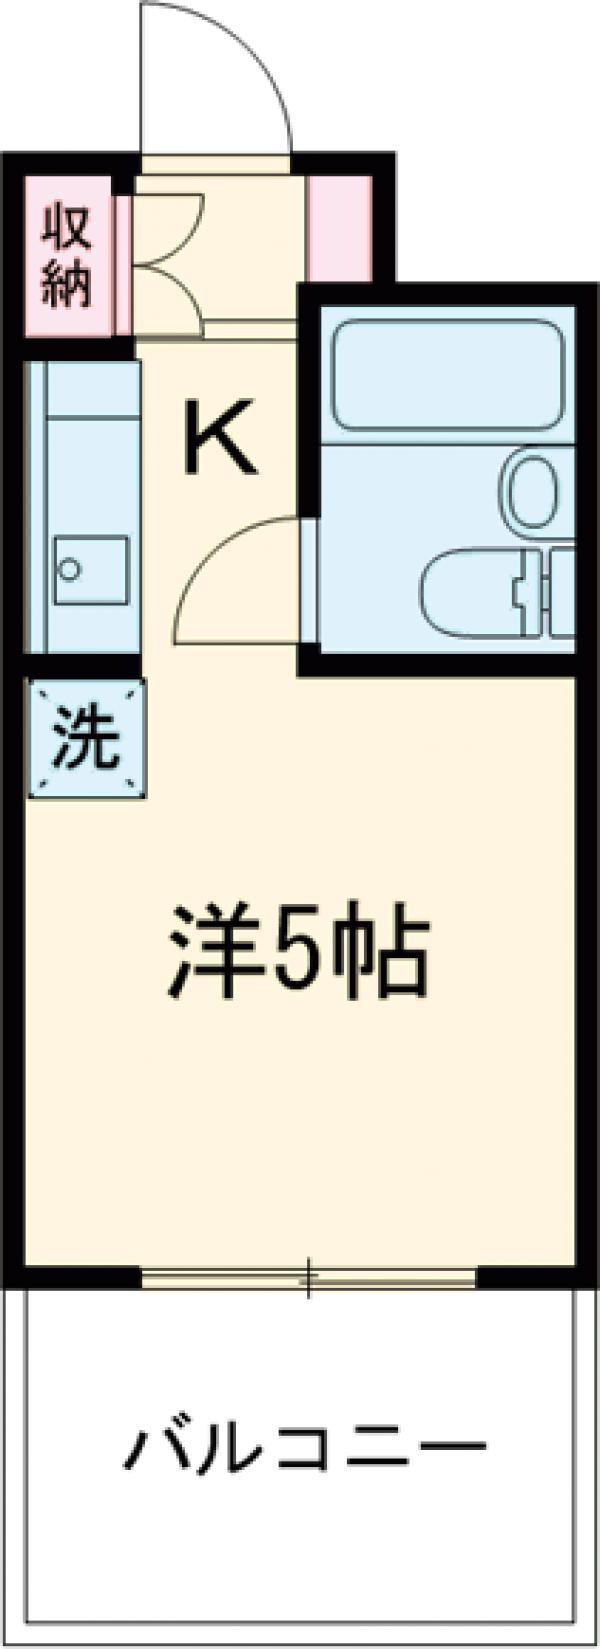 ミヨシ高幡ビル・406号室の間取り